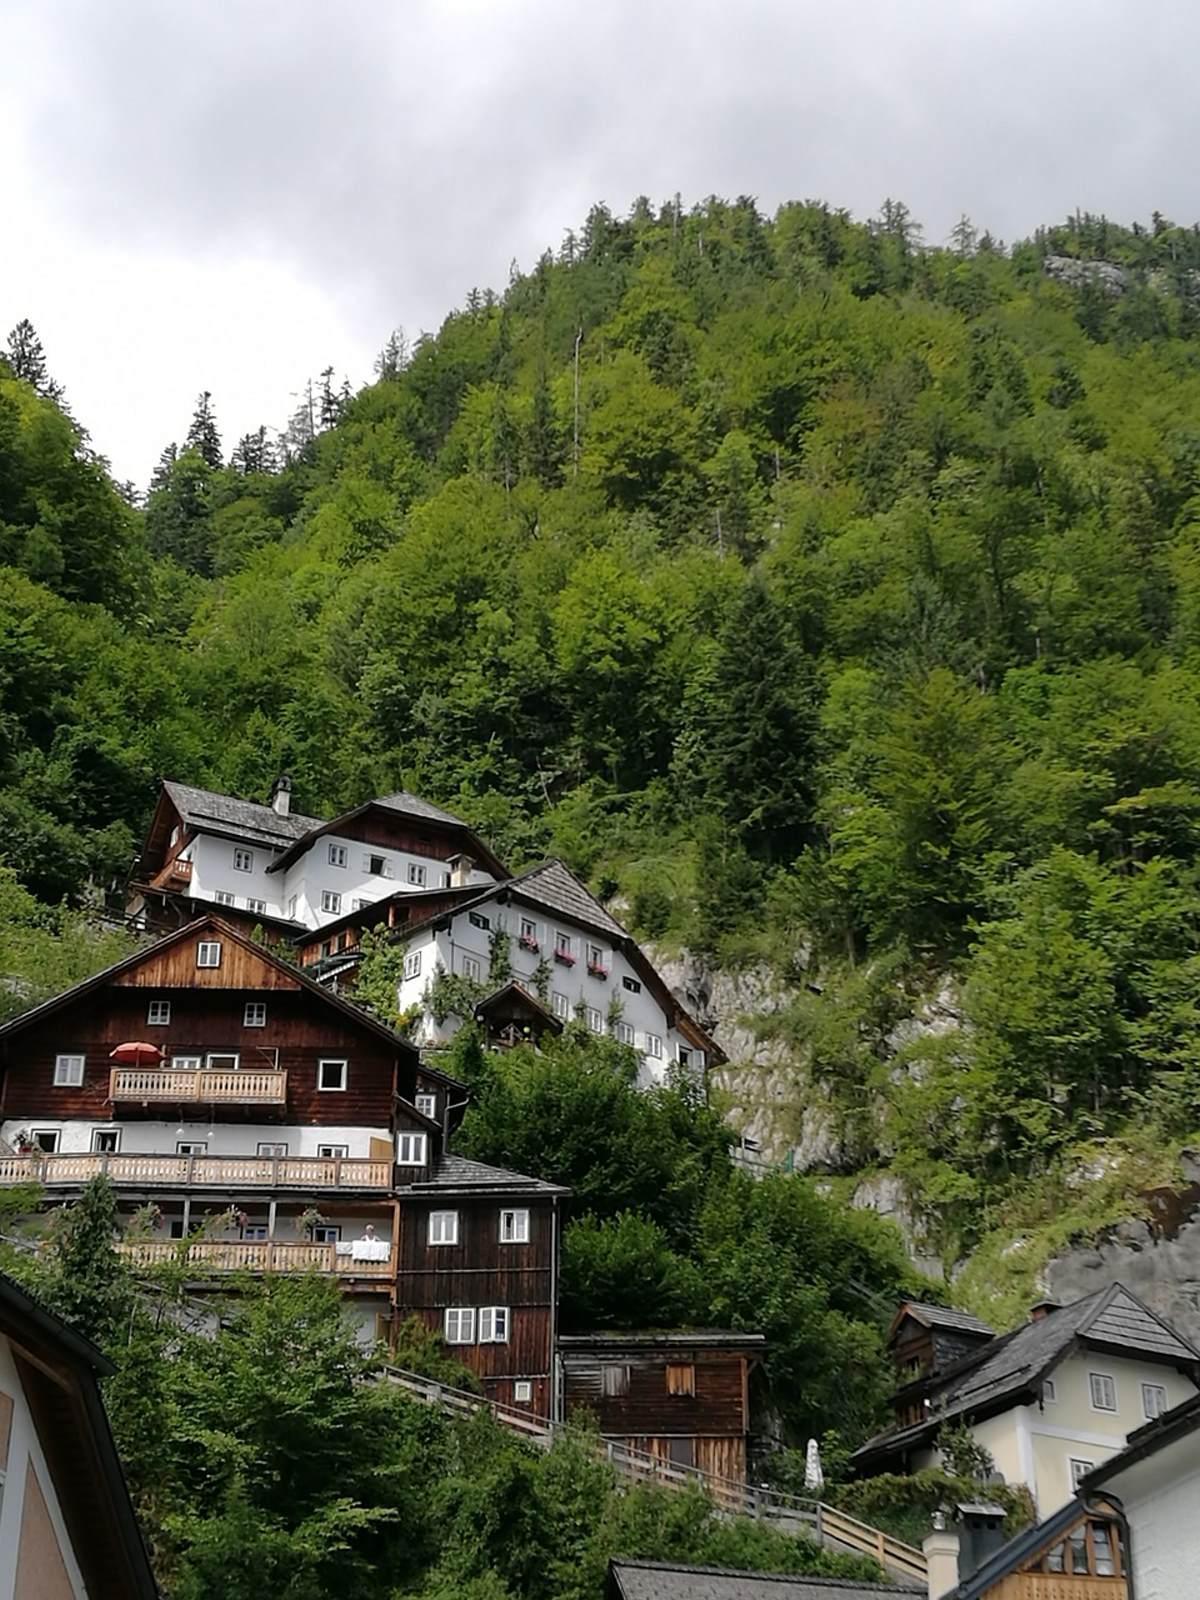 Χάλστατ, Αυστρία τα χαρακτηριστικά σπίτια μέσα στο πράσινο